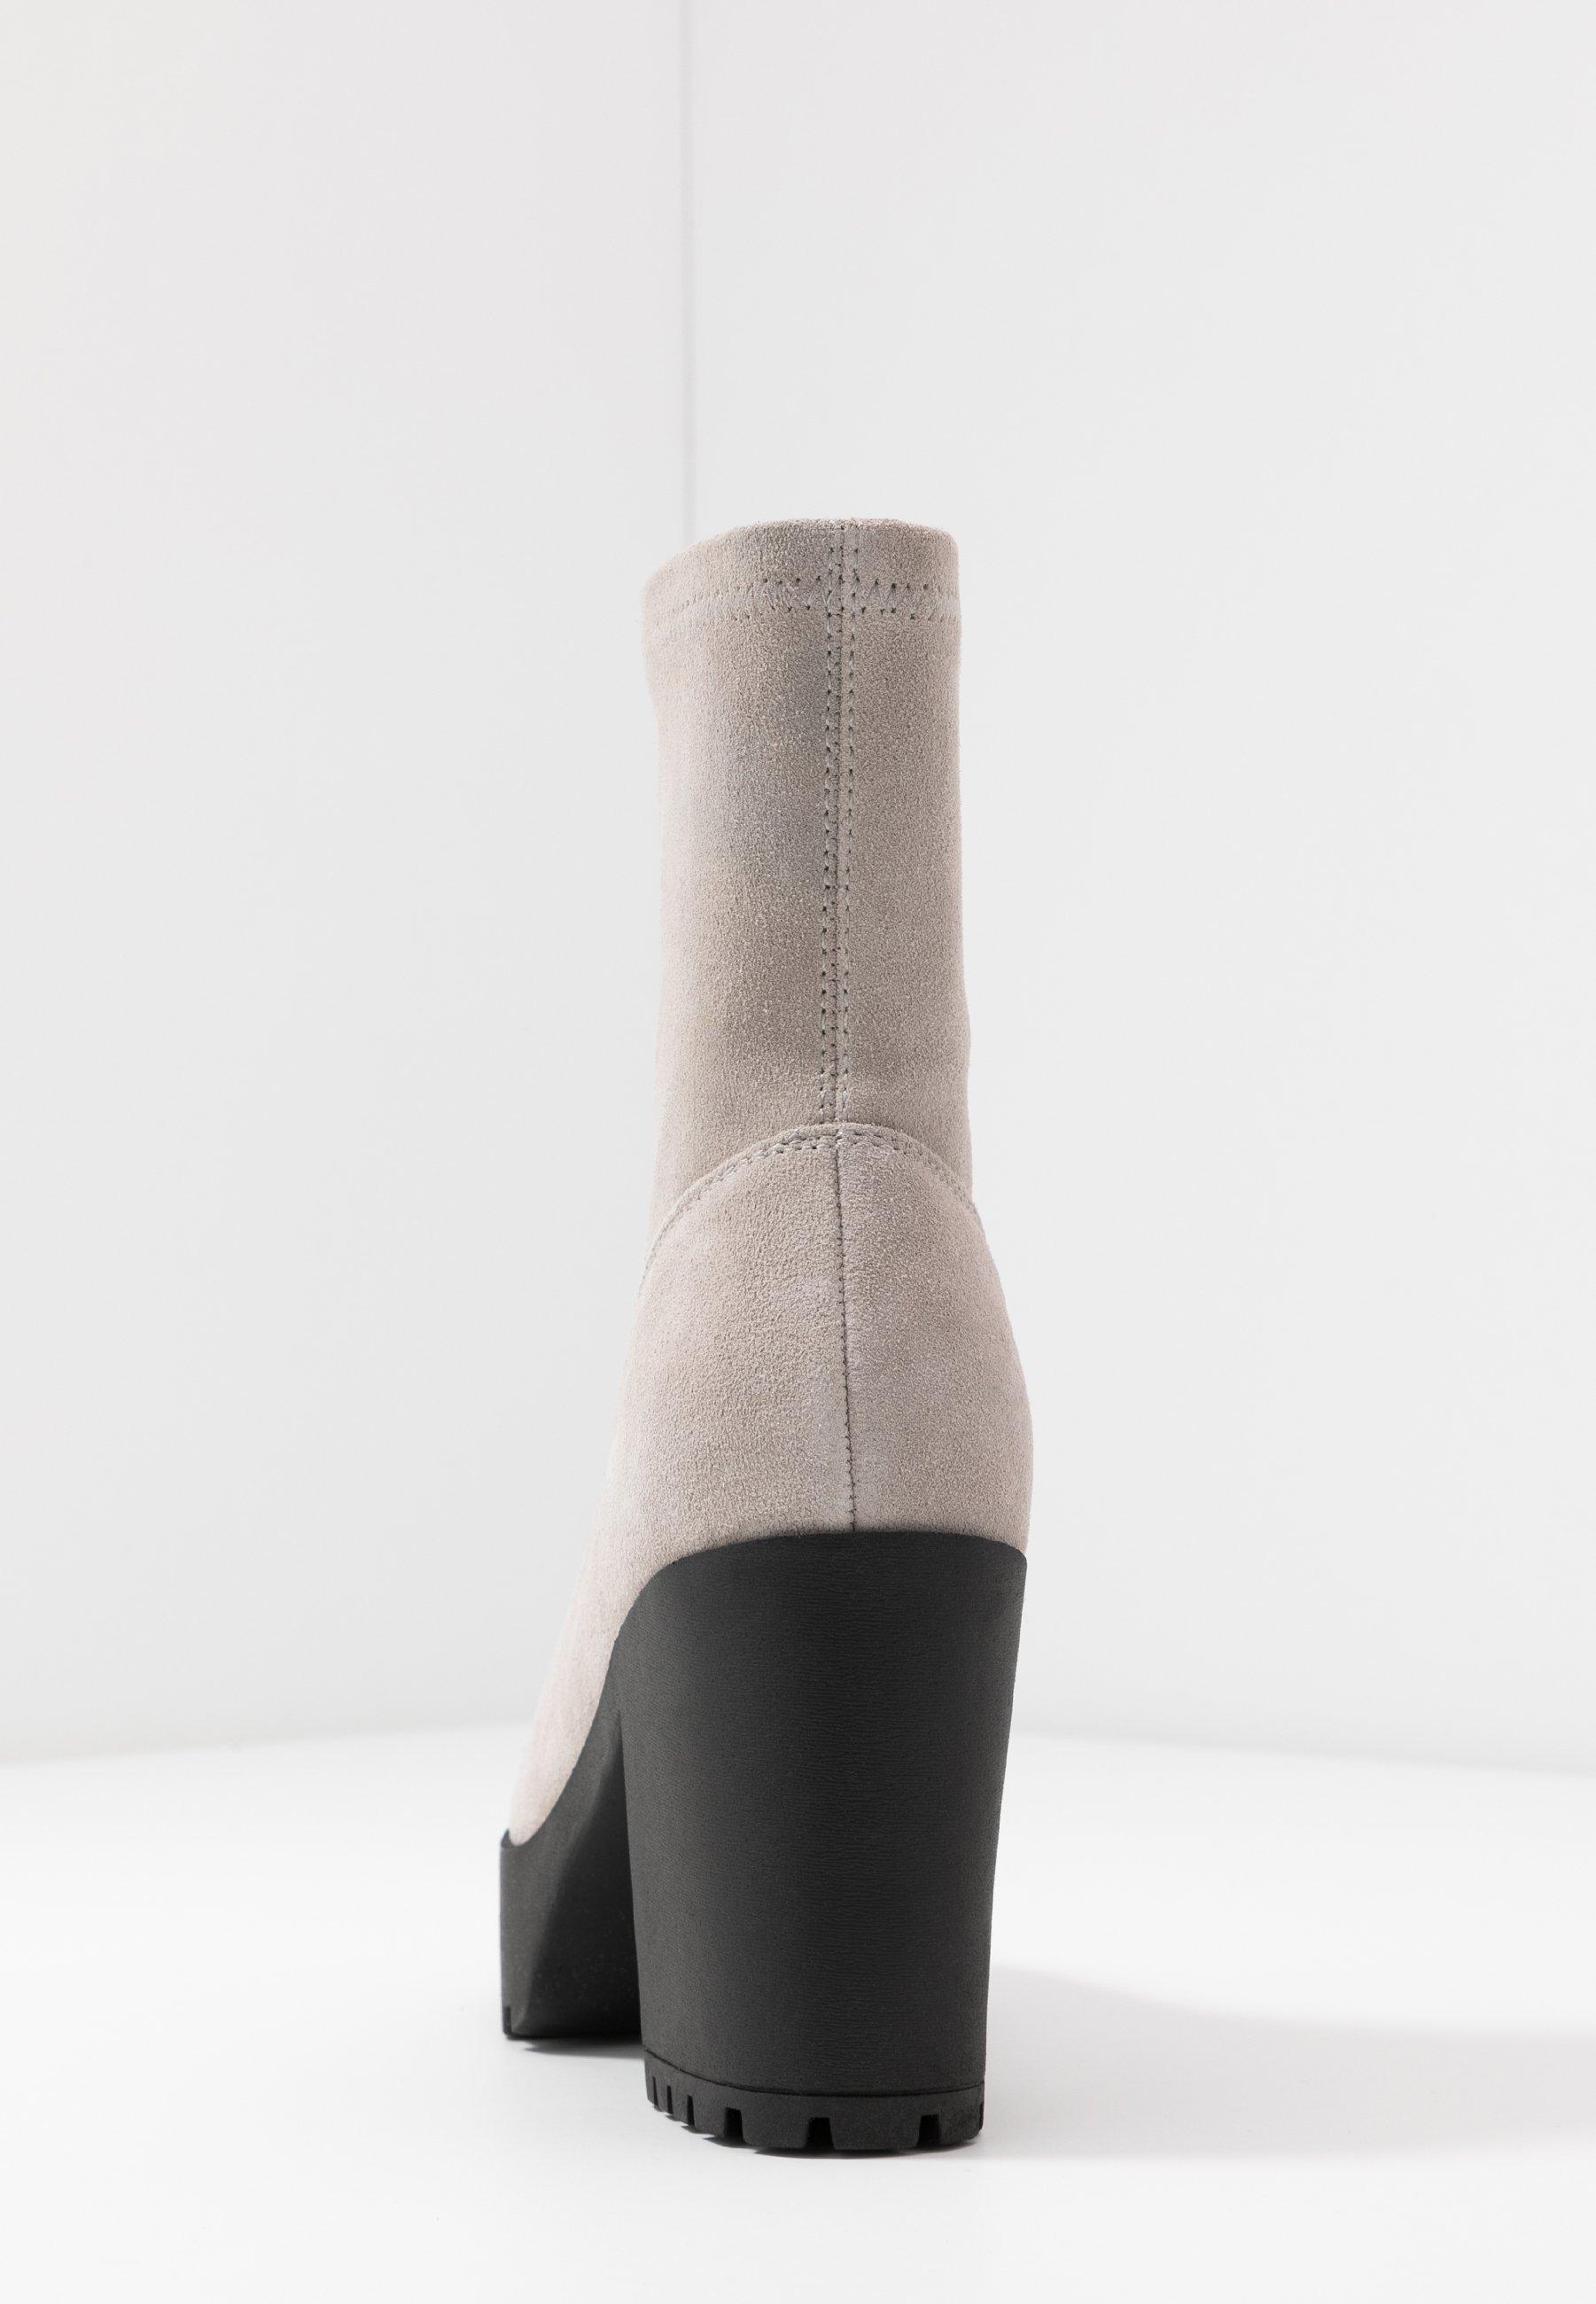 Even&odd Leather Platform Bootie - Enkellaarsjes Met Hoge Hak Taupe Goedkope Schoenen